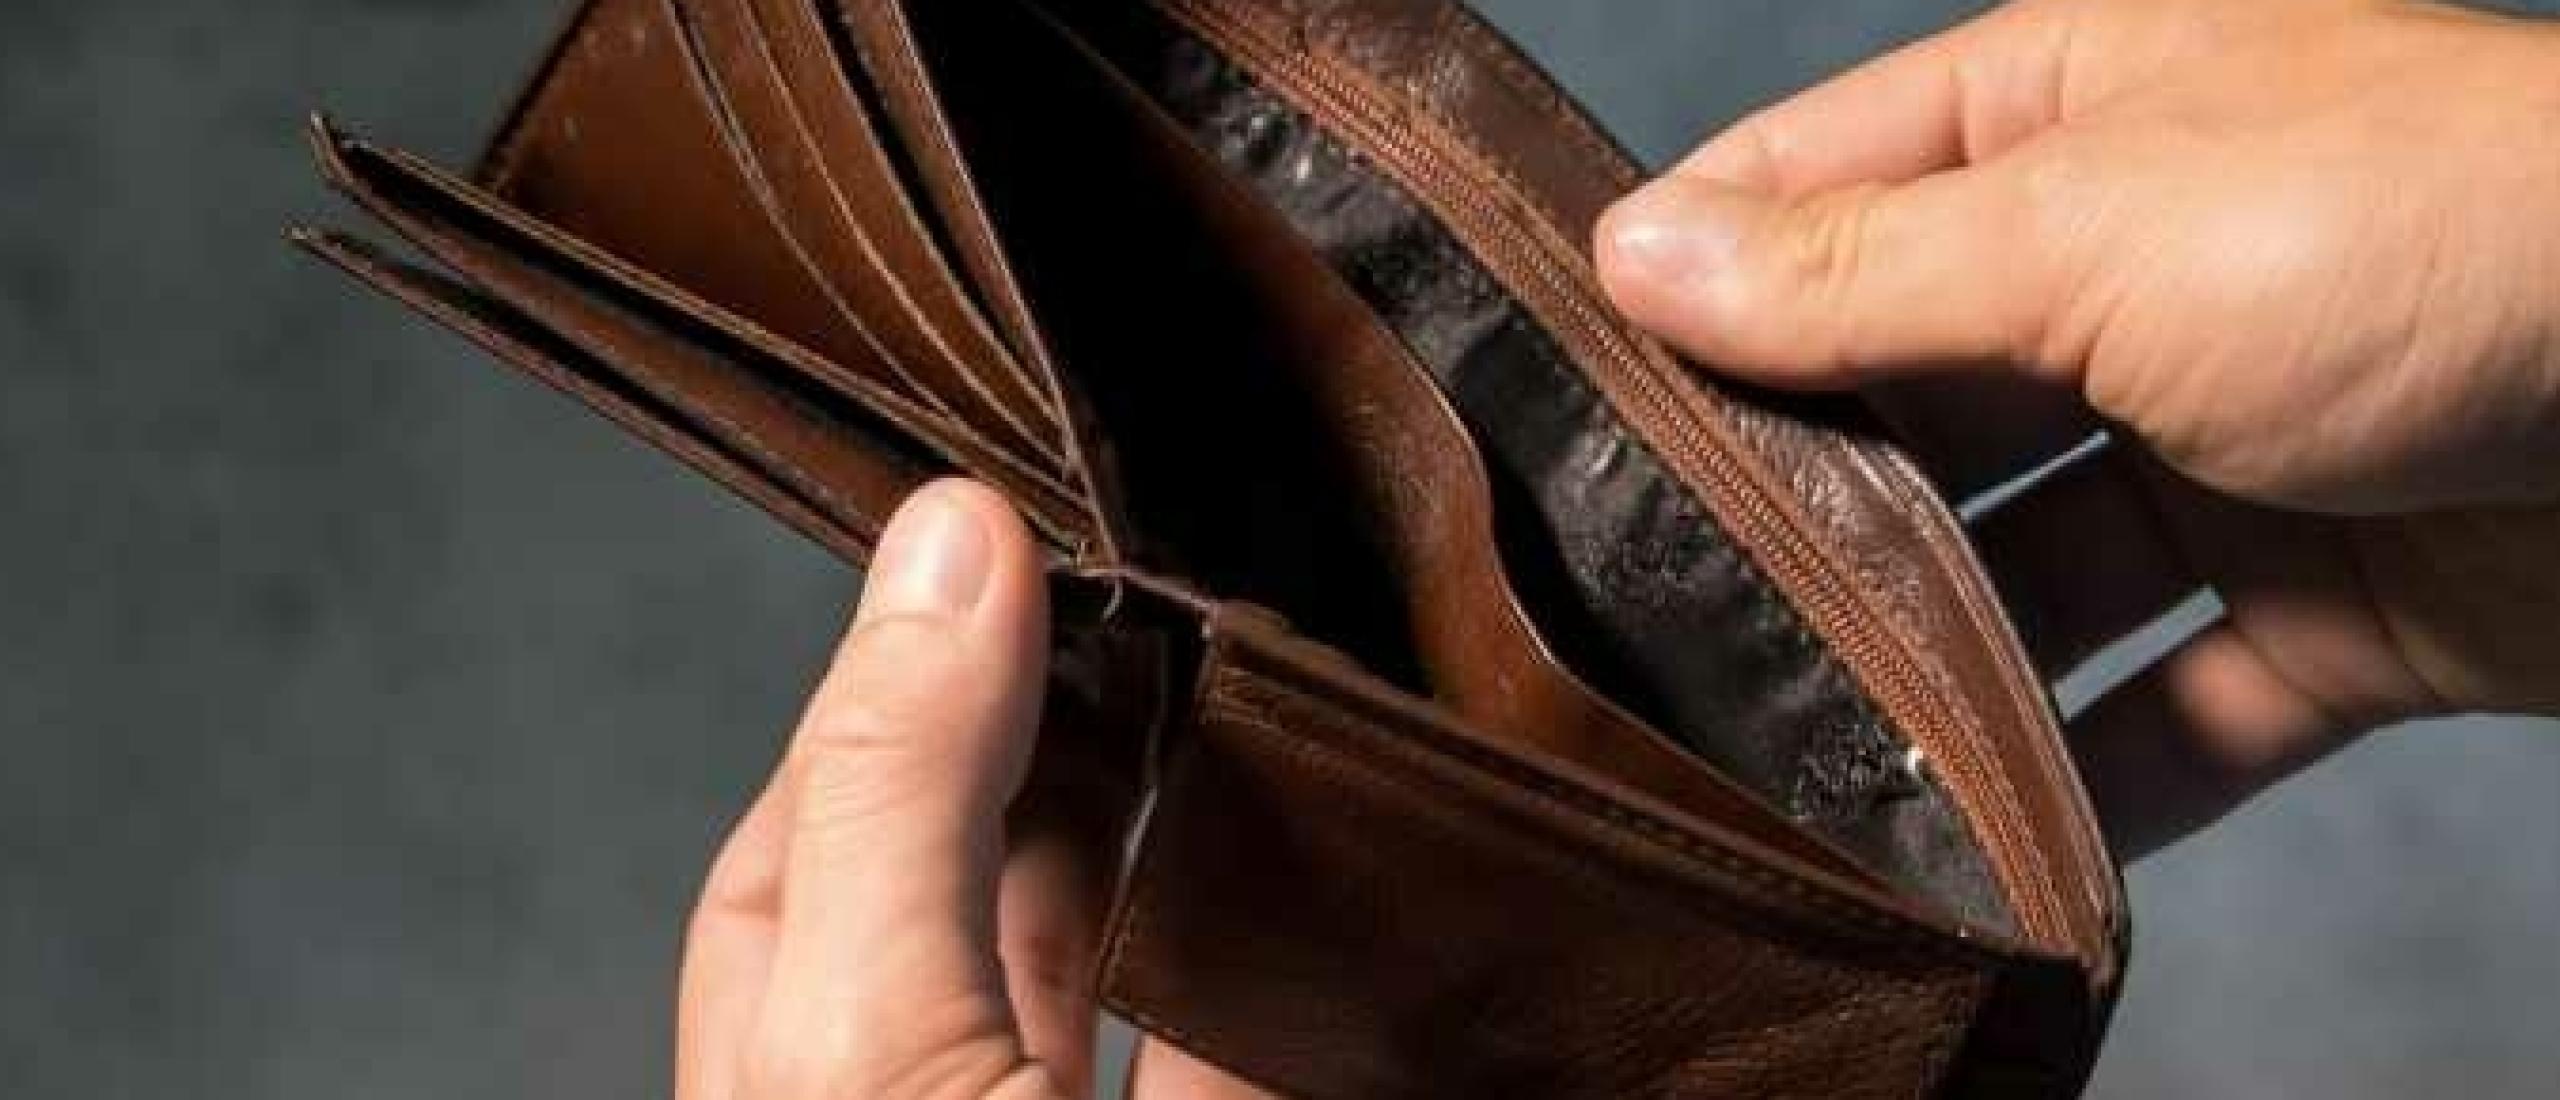 7 tips om geld te besparen als je een laag inkomen hebt